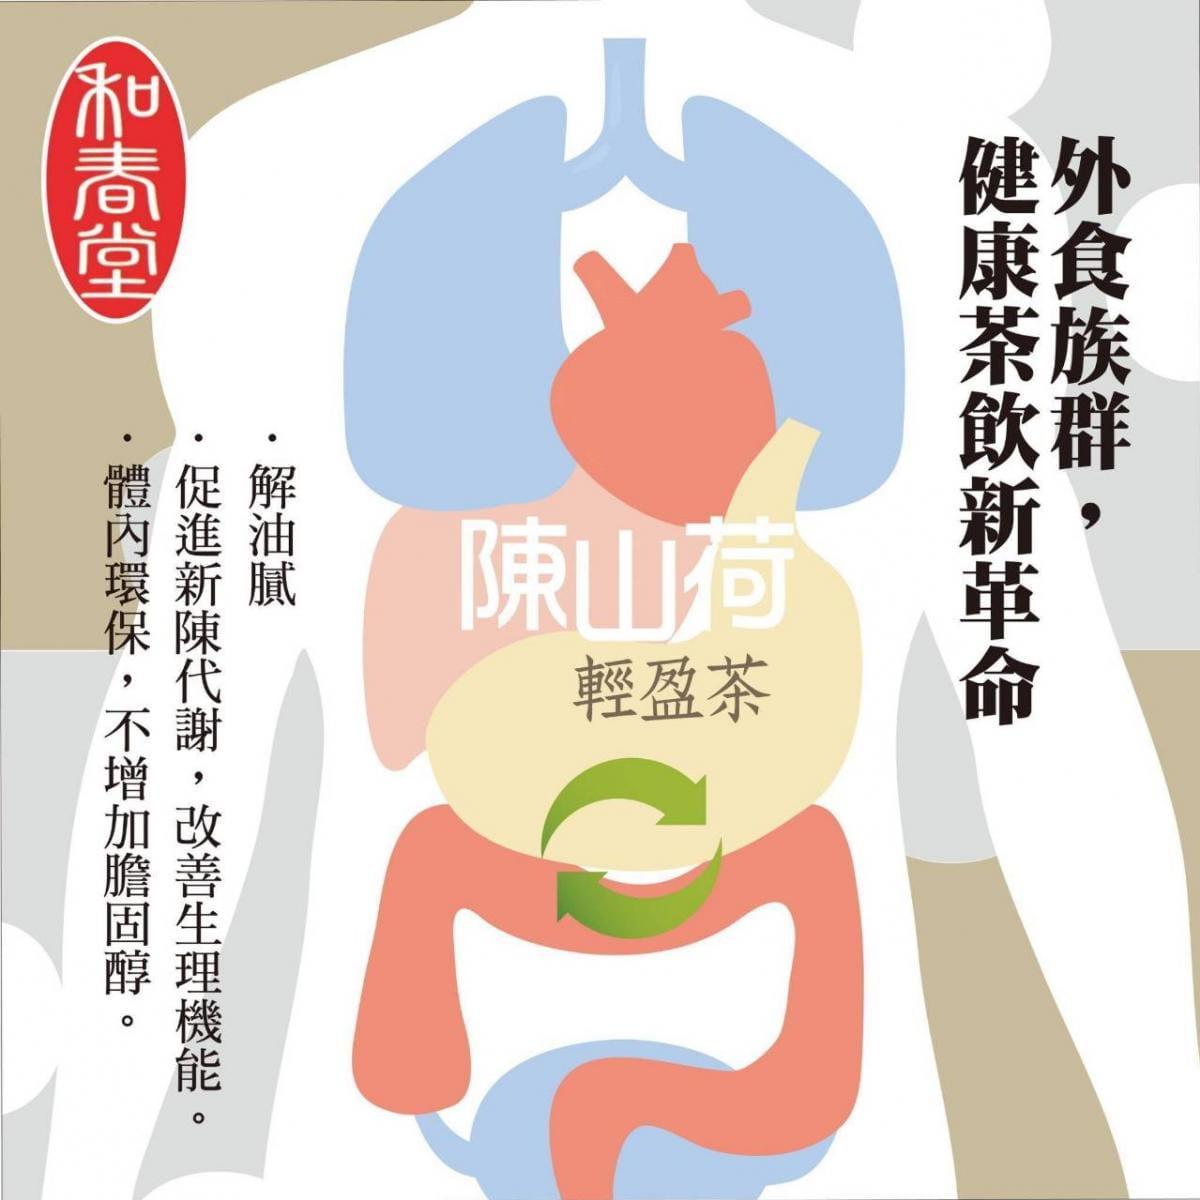 【和春堂】陳山荷輕盈茶包 4